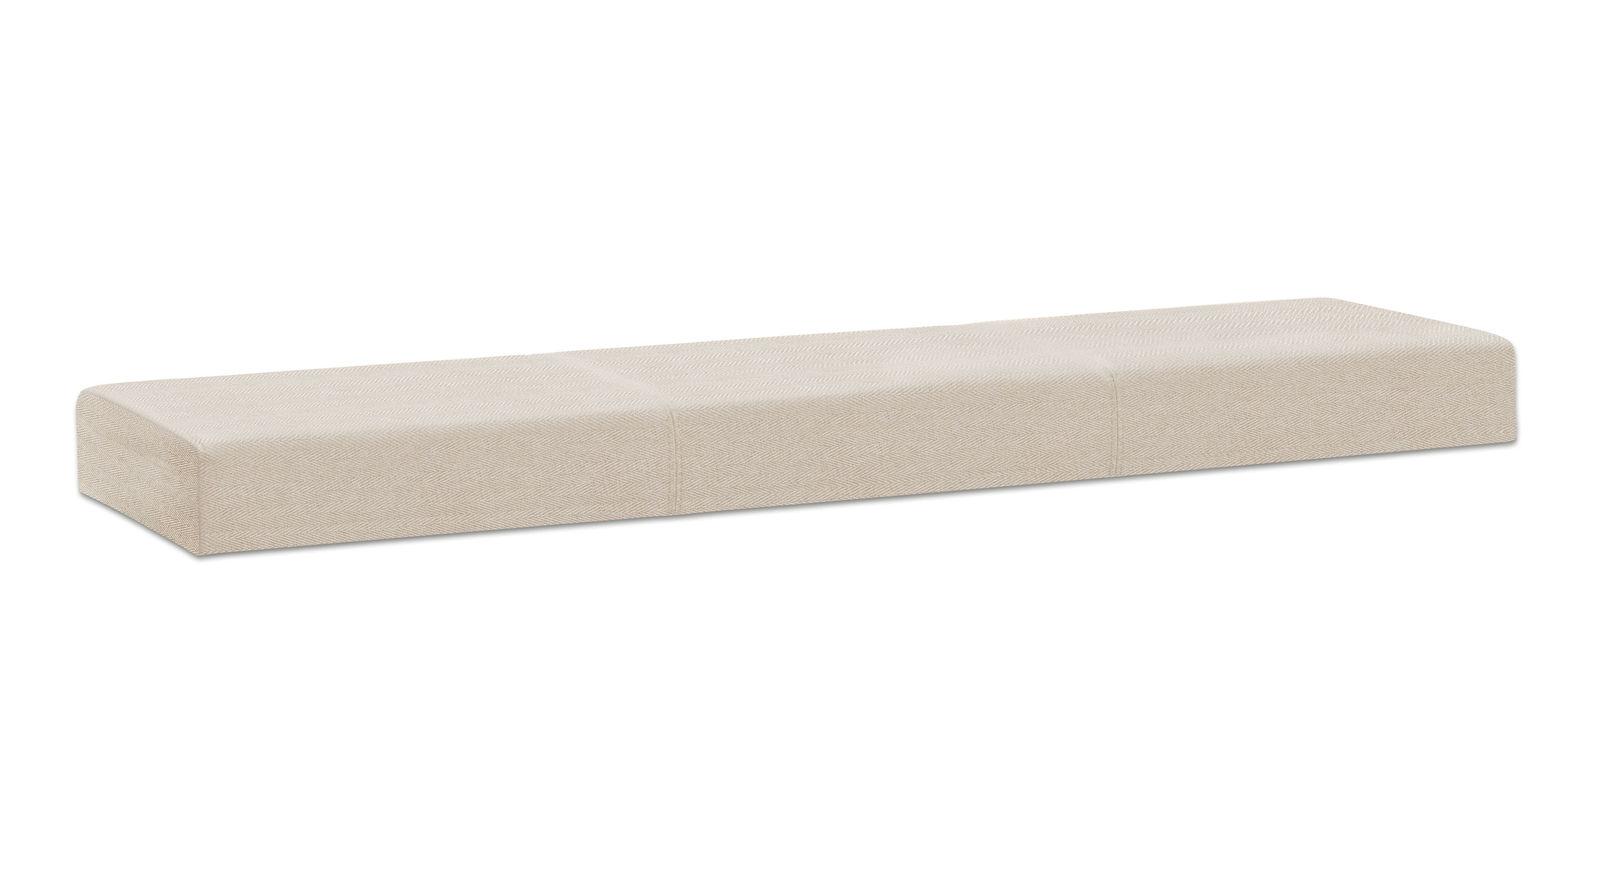 Sitzkissen Weno aus robustem Fischgrät-Velours-Stoff